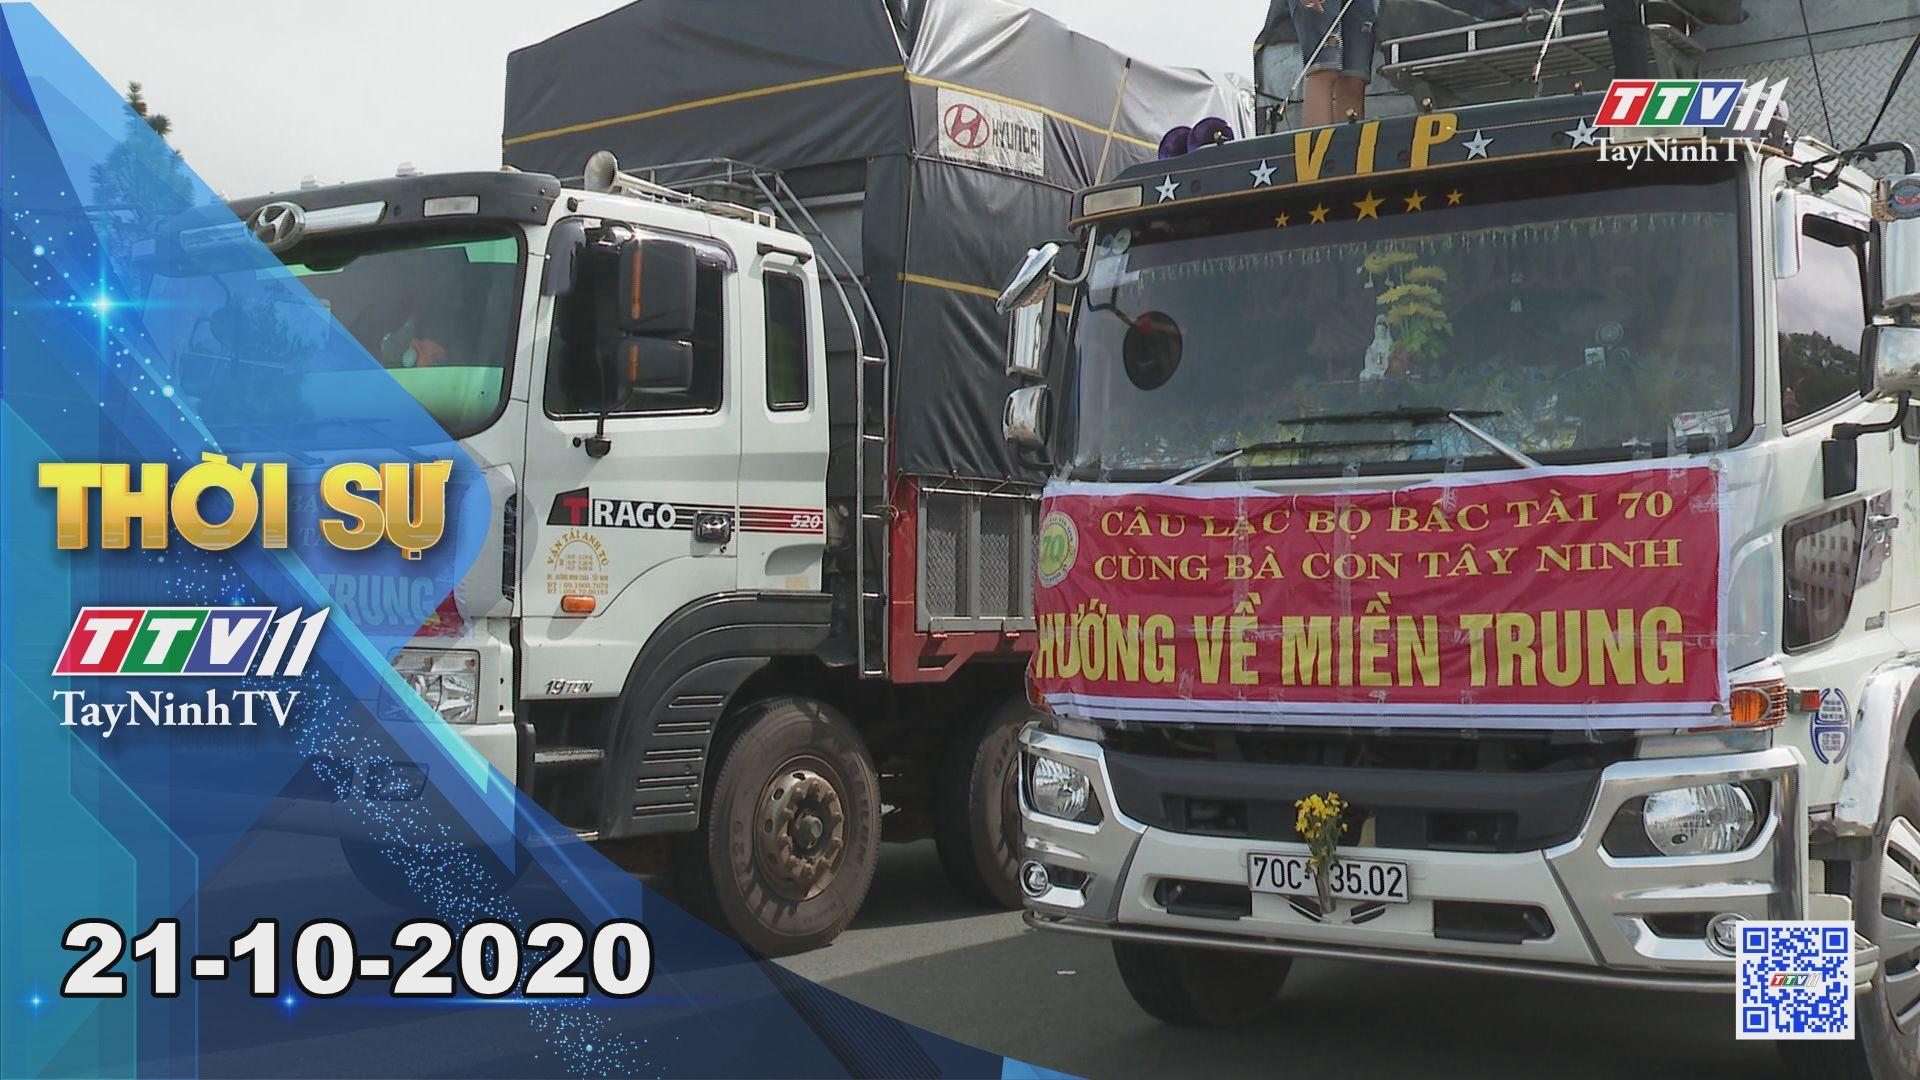 Thời sự Tây Ninh 2-10-2020 | Tin tức hôm nay | TayNinhTV